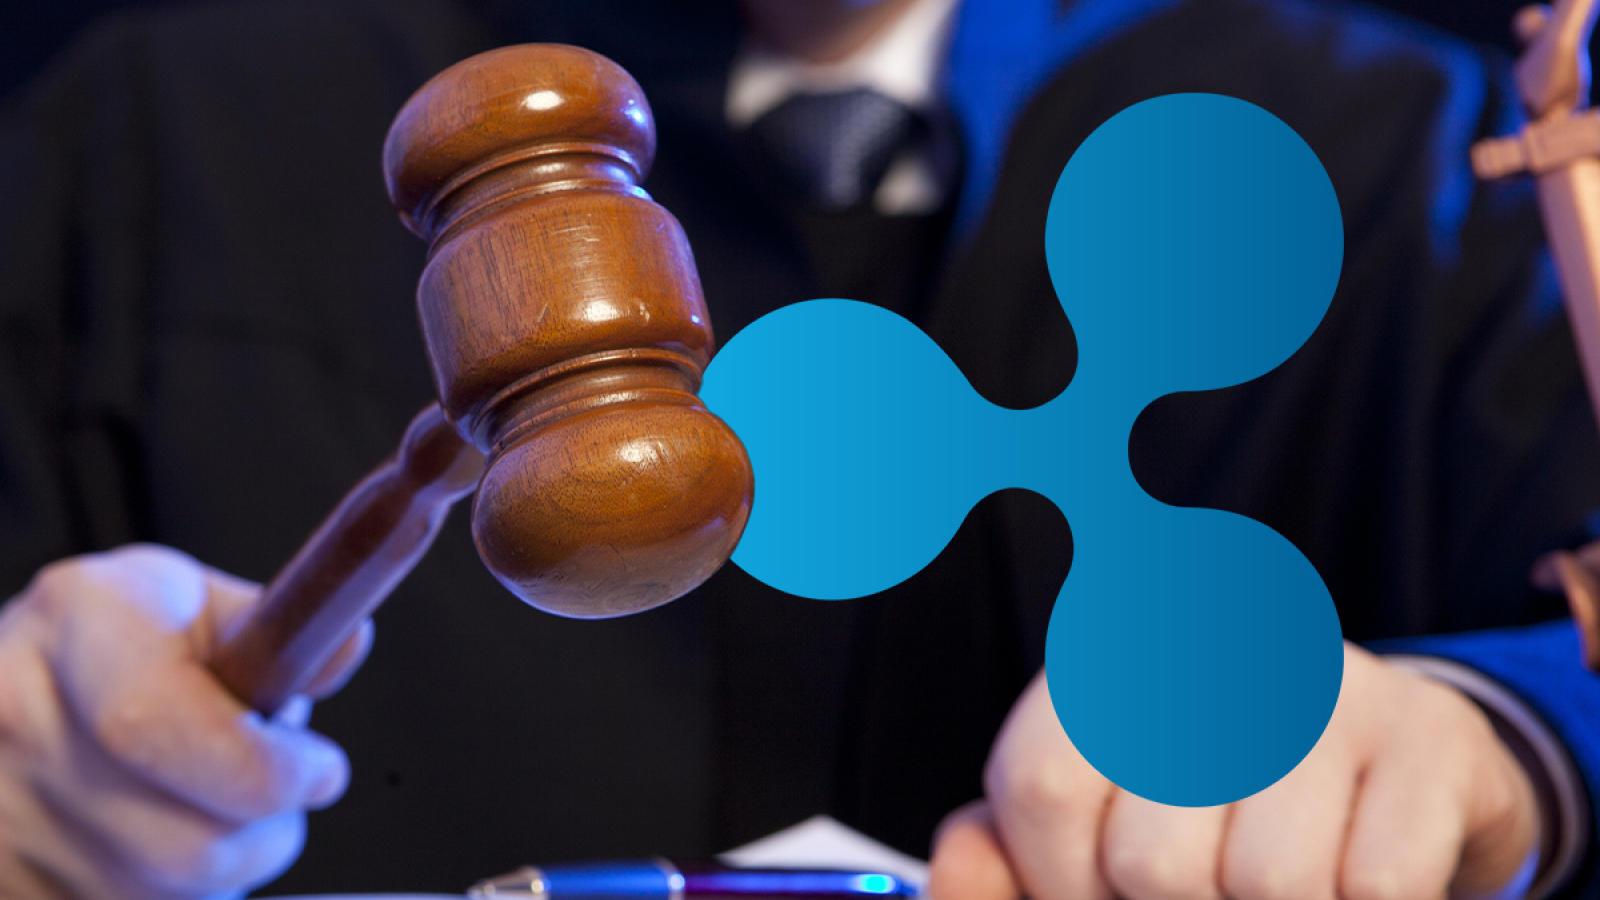 judge versus ripple